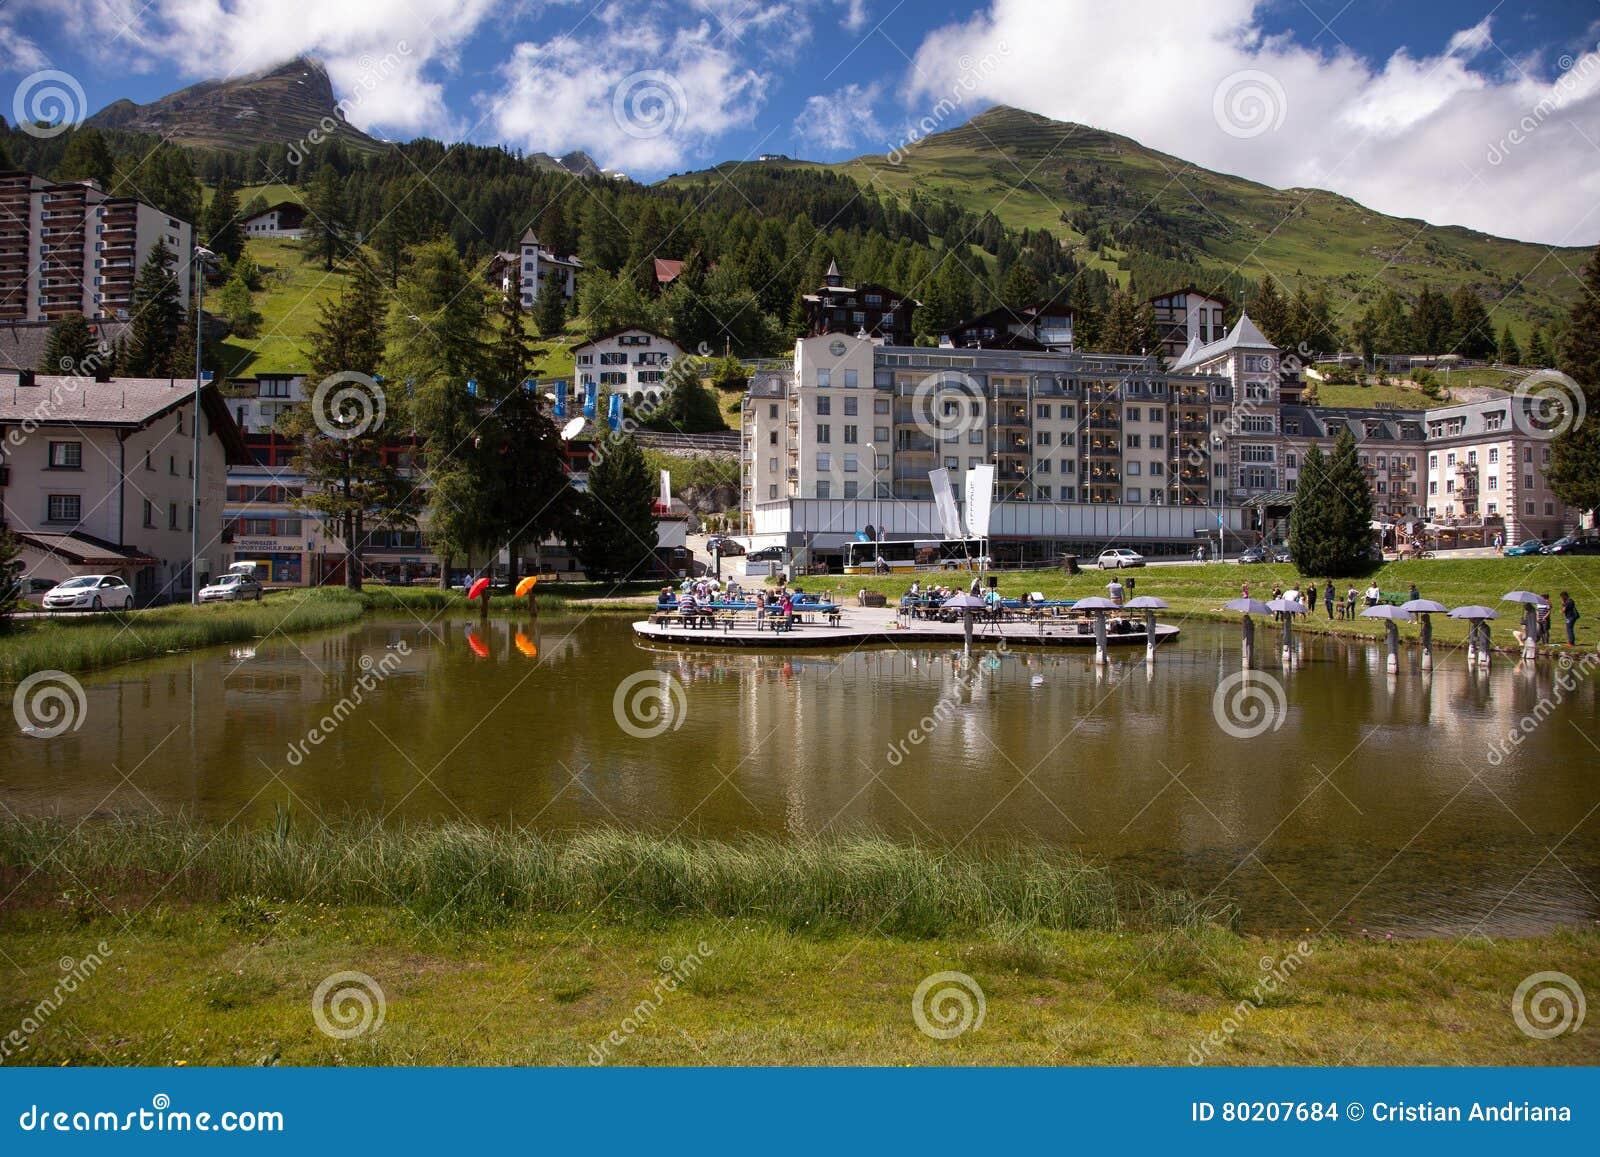 De mooie stad bekijkt dowtown Davos, Zwitserland